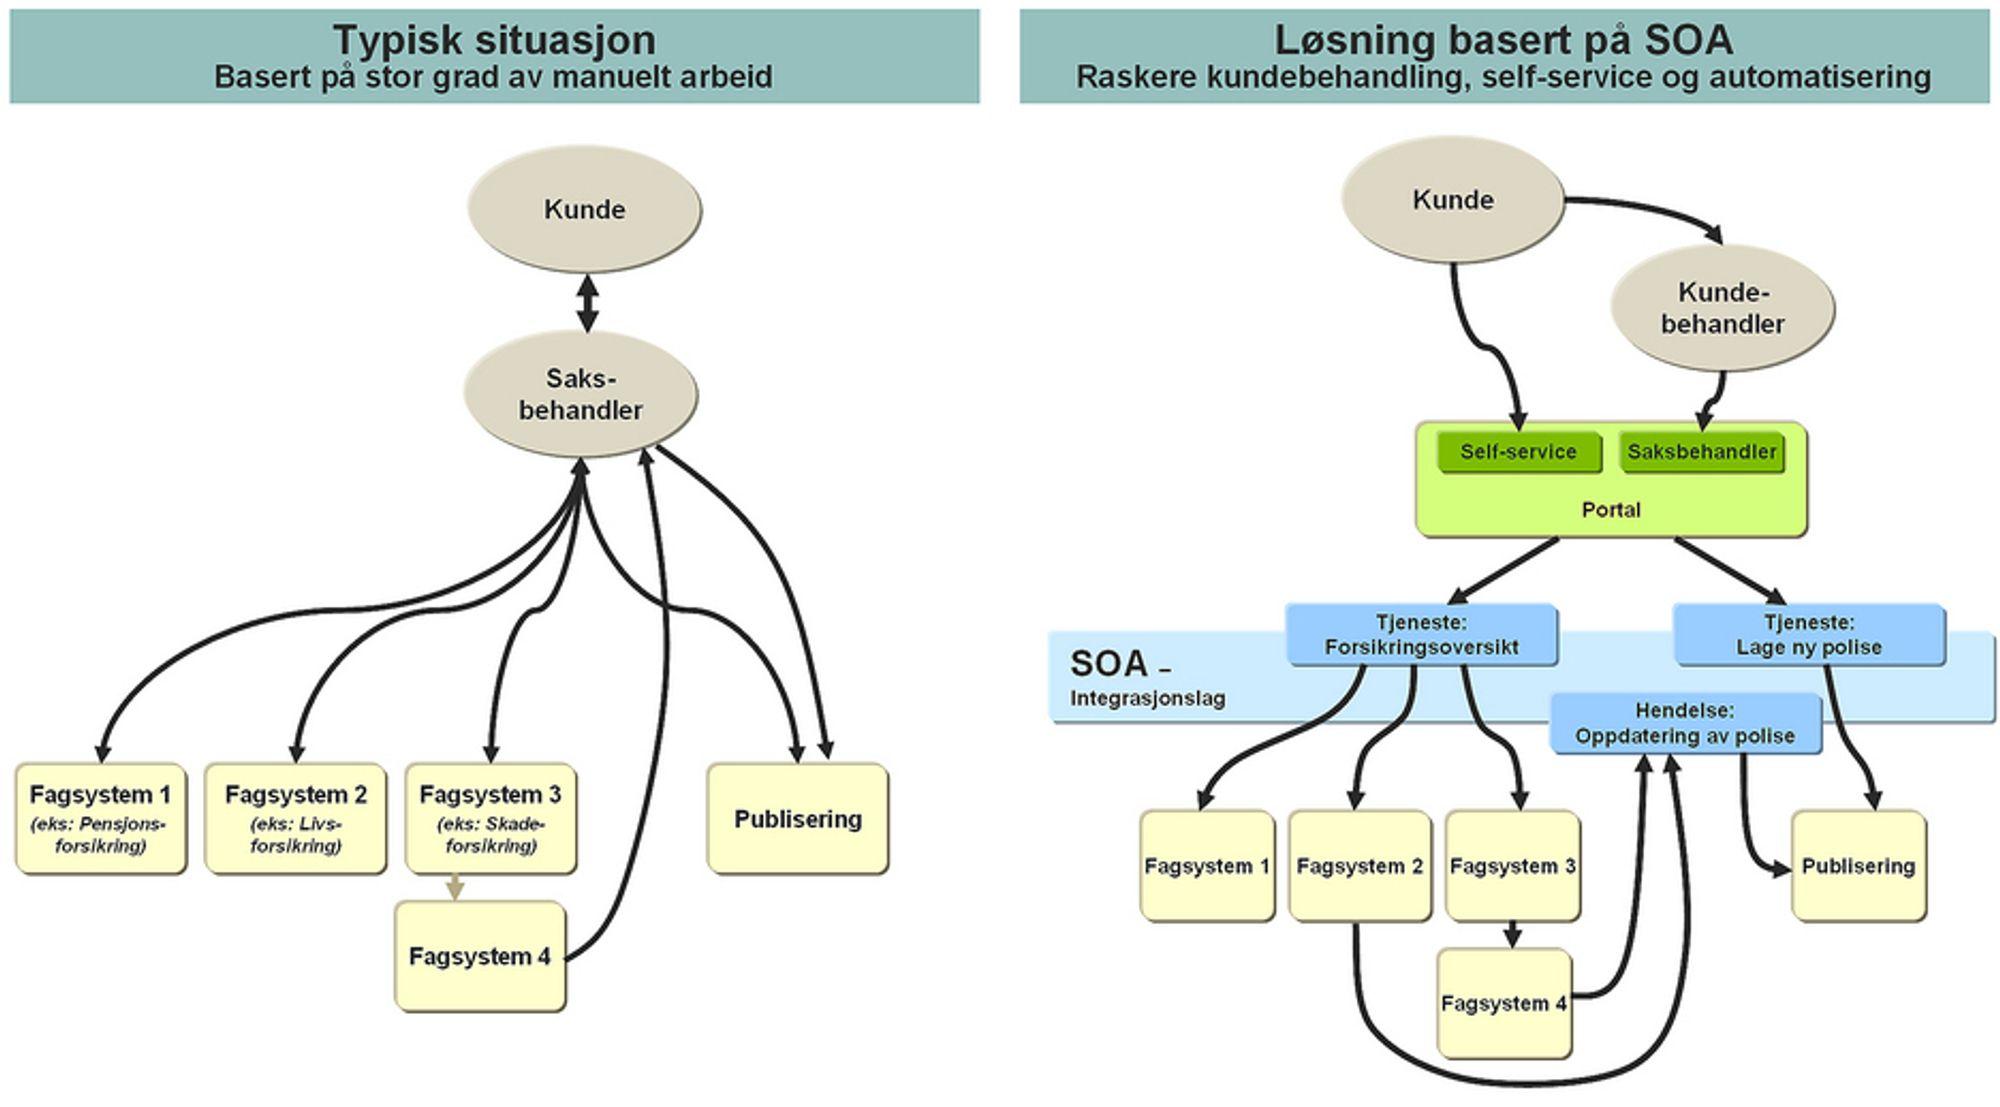 SOA gir fleksibilitet. Med SOA kan gamle systemer gjenbrukes i moderne webapplikasjoner. Her vist i behandling av forsikringskunder. Den andre store fordelen som ikke illustrasjonen viser er den store fleksibiliteten som slike systemer vil gi. Her er det mulig å bytte et av de underliggende systemene eller outsource et system uten at man trenger endre kunde- eller saksbehandlerportalen. En slik modularisering er svært effektiv og fleksibel, og enkel å endre når forutsetninger som kundebehov eller forsikringsprosesser skulle endre seg. Ill. Capgemini